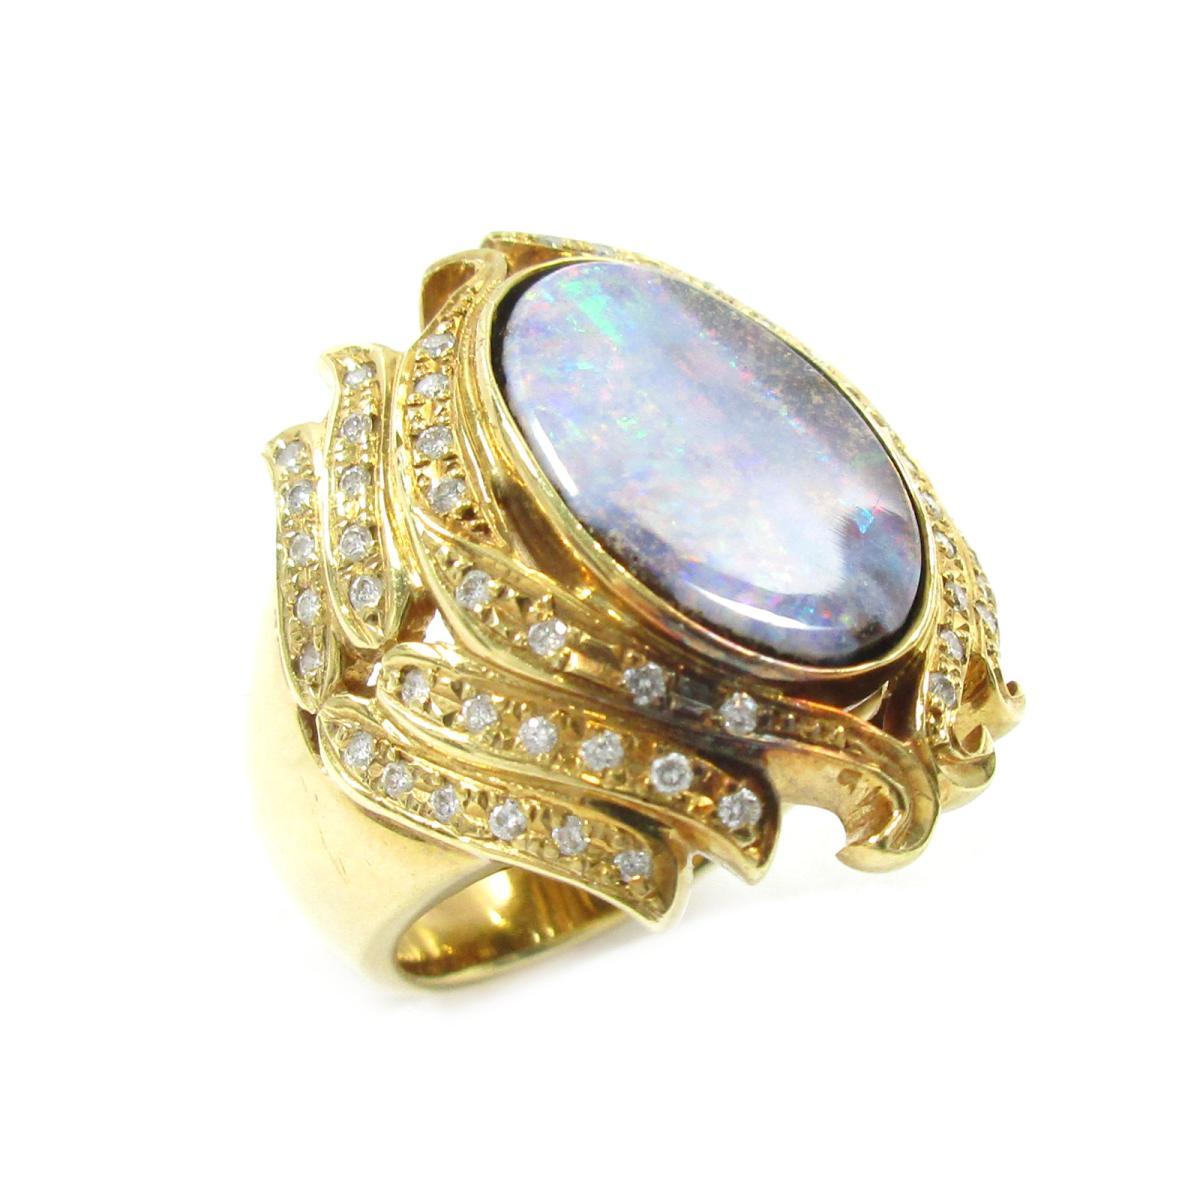 【中古】 ジュエリー オパールリング 指輪 レディース K18YG (750) イエローゴールド X オパール4.91ct ダイヤモンド0.31ct ゴールド パープル | JEWELRY BRANDOFF ブランドオフ アクセサリー リング